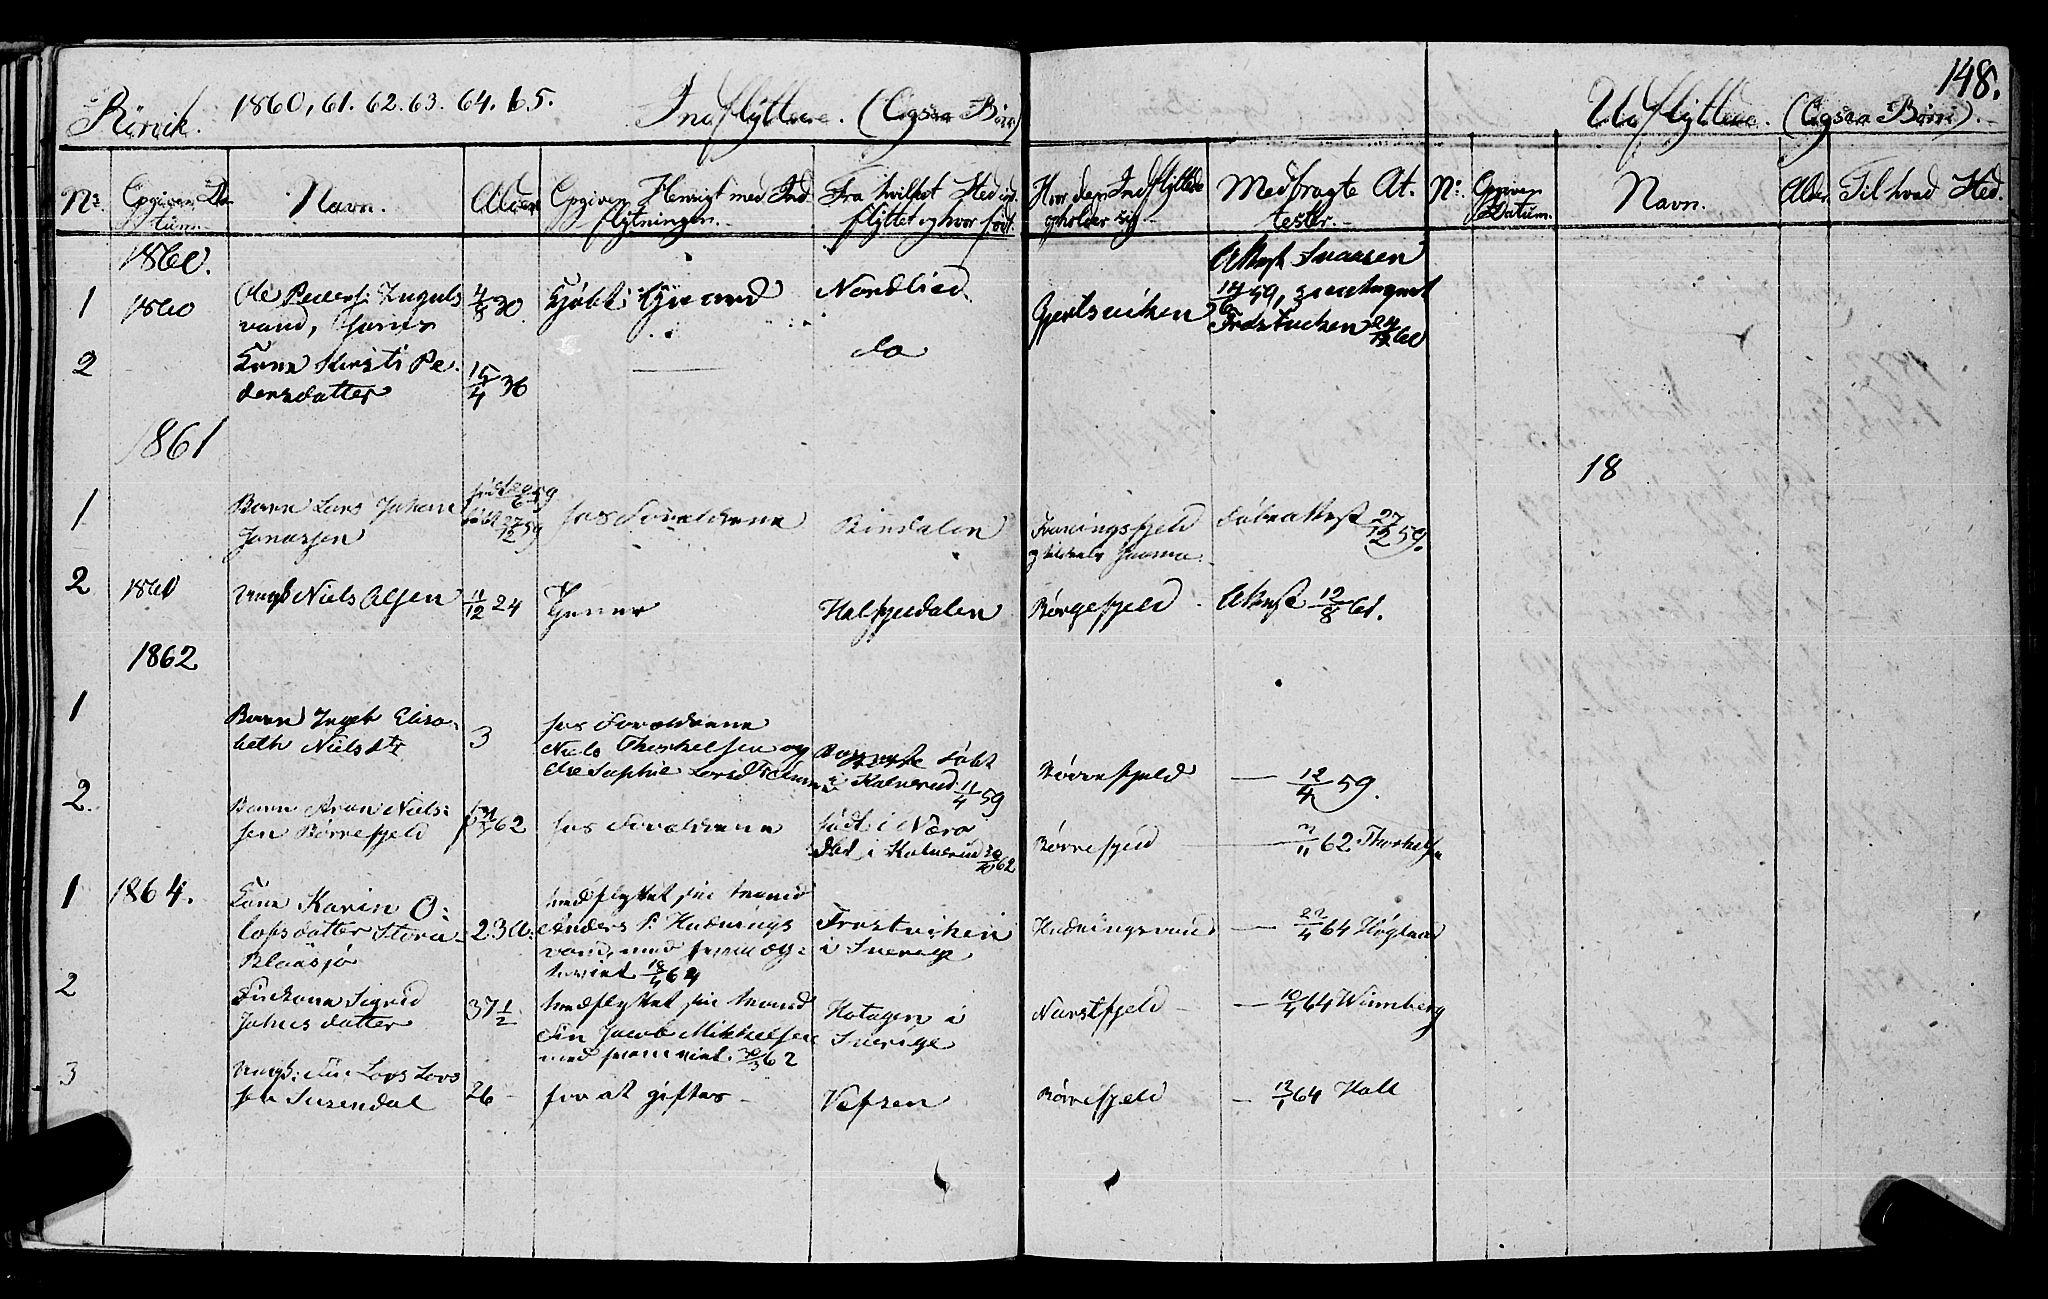 SAT, Ministerialprotokoller, klokkerbøker og fødselsregistre - Nord-Trøndelag, 762/L0538: Ministerialbok nr. 762A02 /1, 1833-1879, s. 148